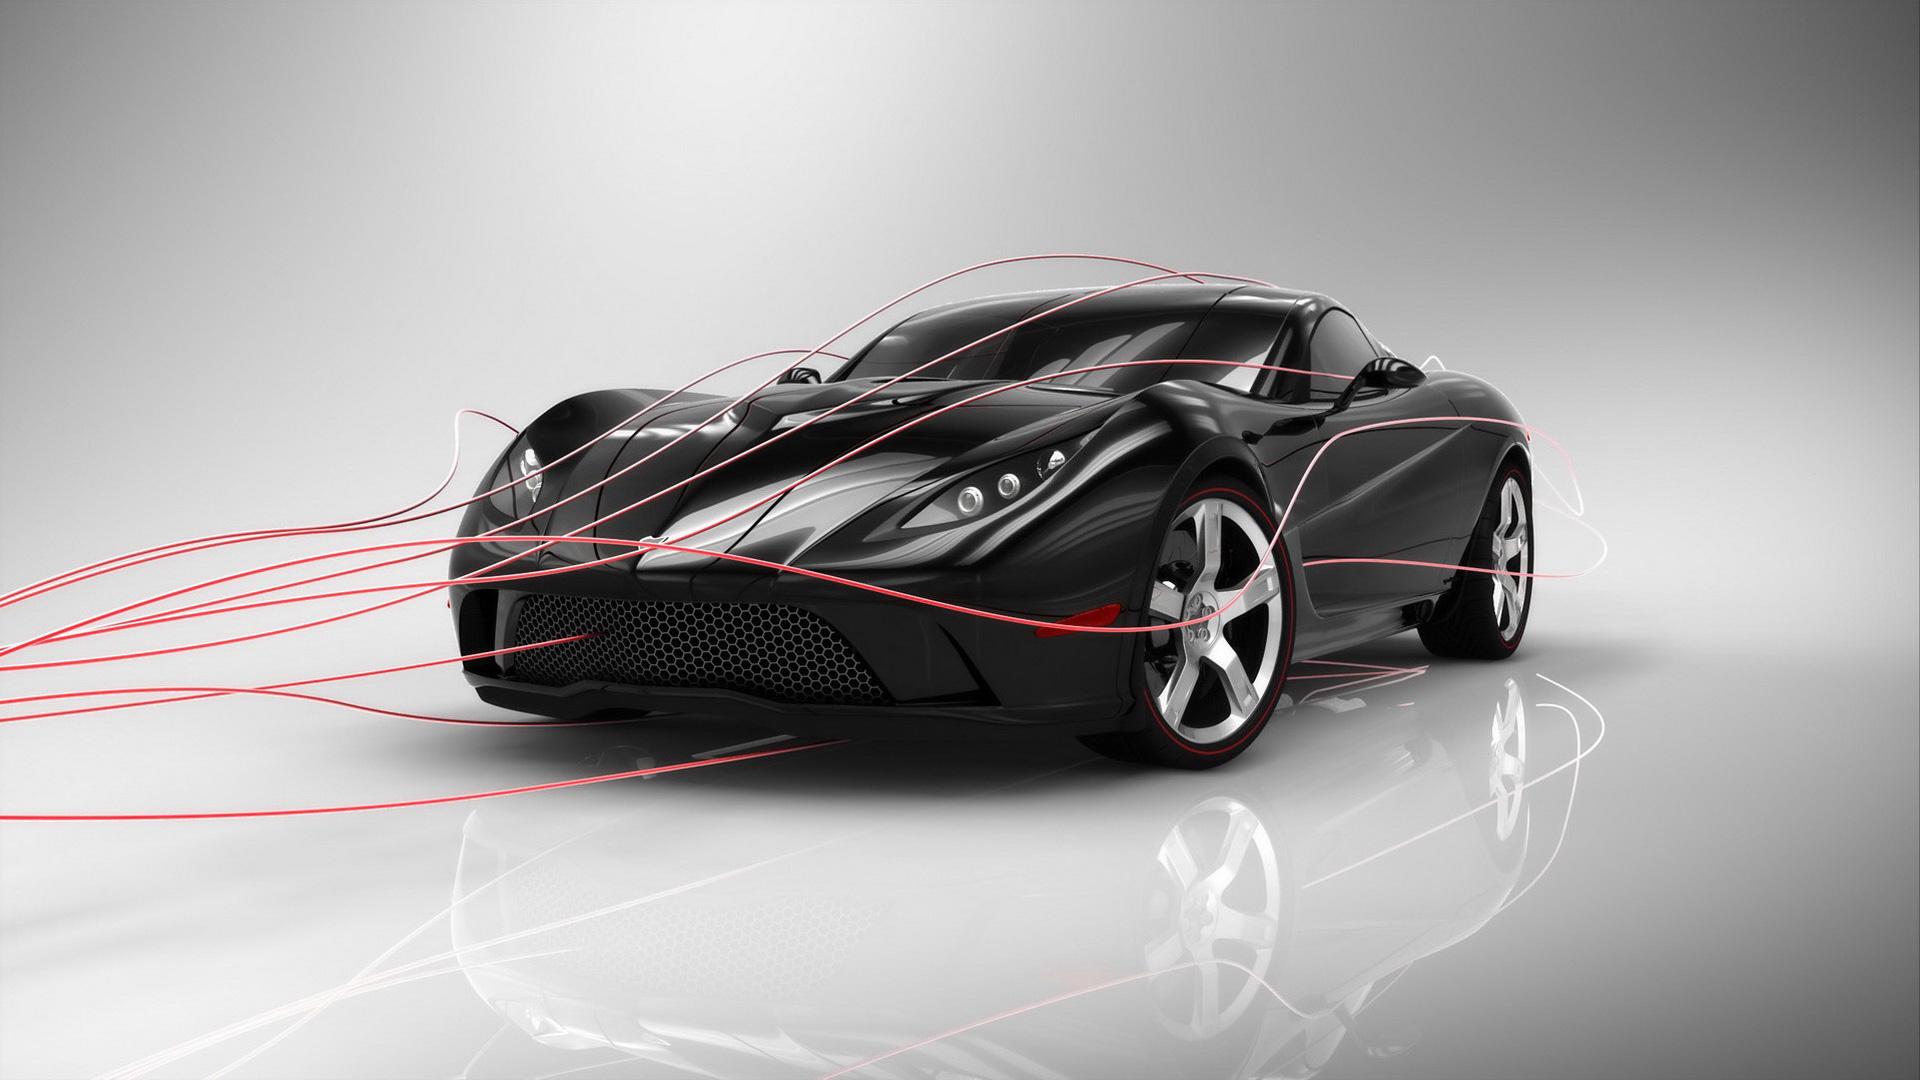 Hd Car Backgrounds - WallpaperSafari